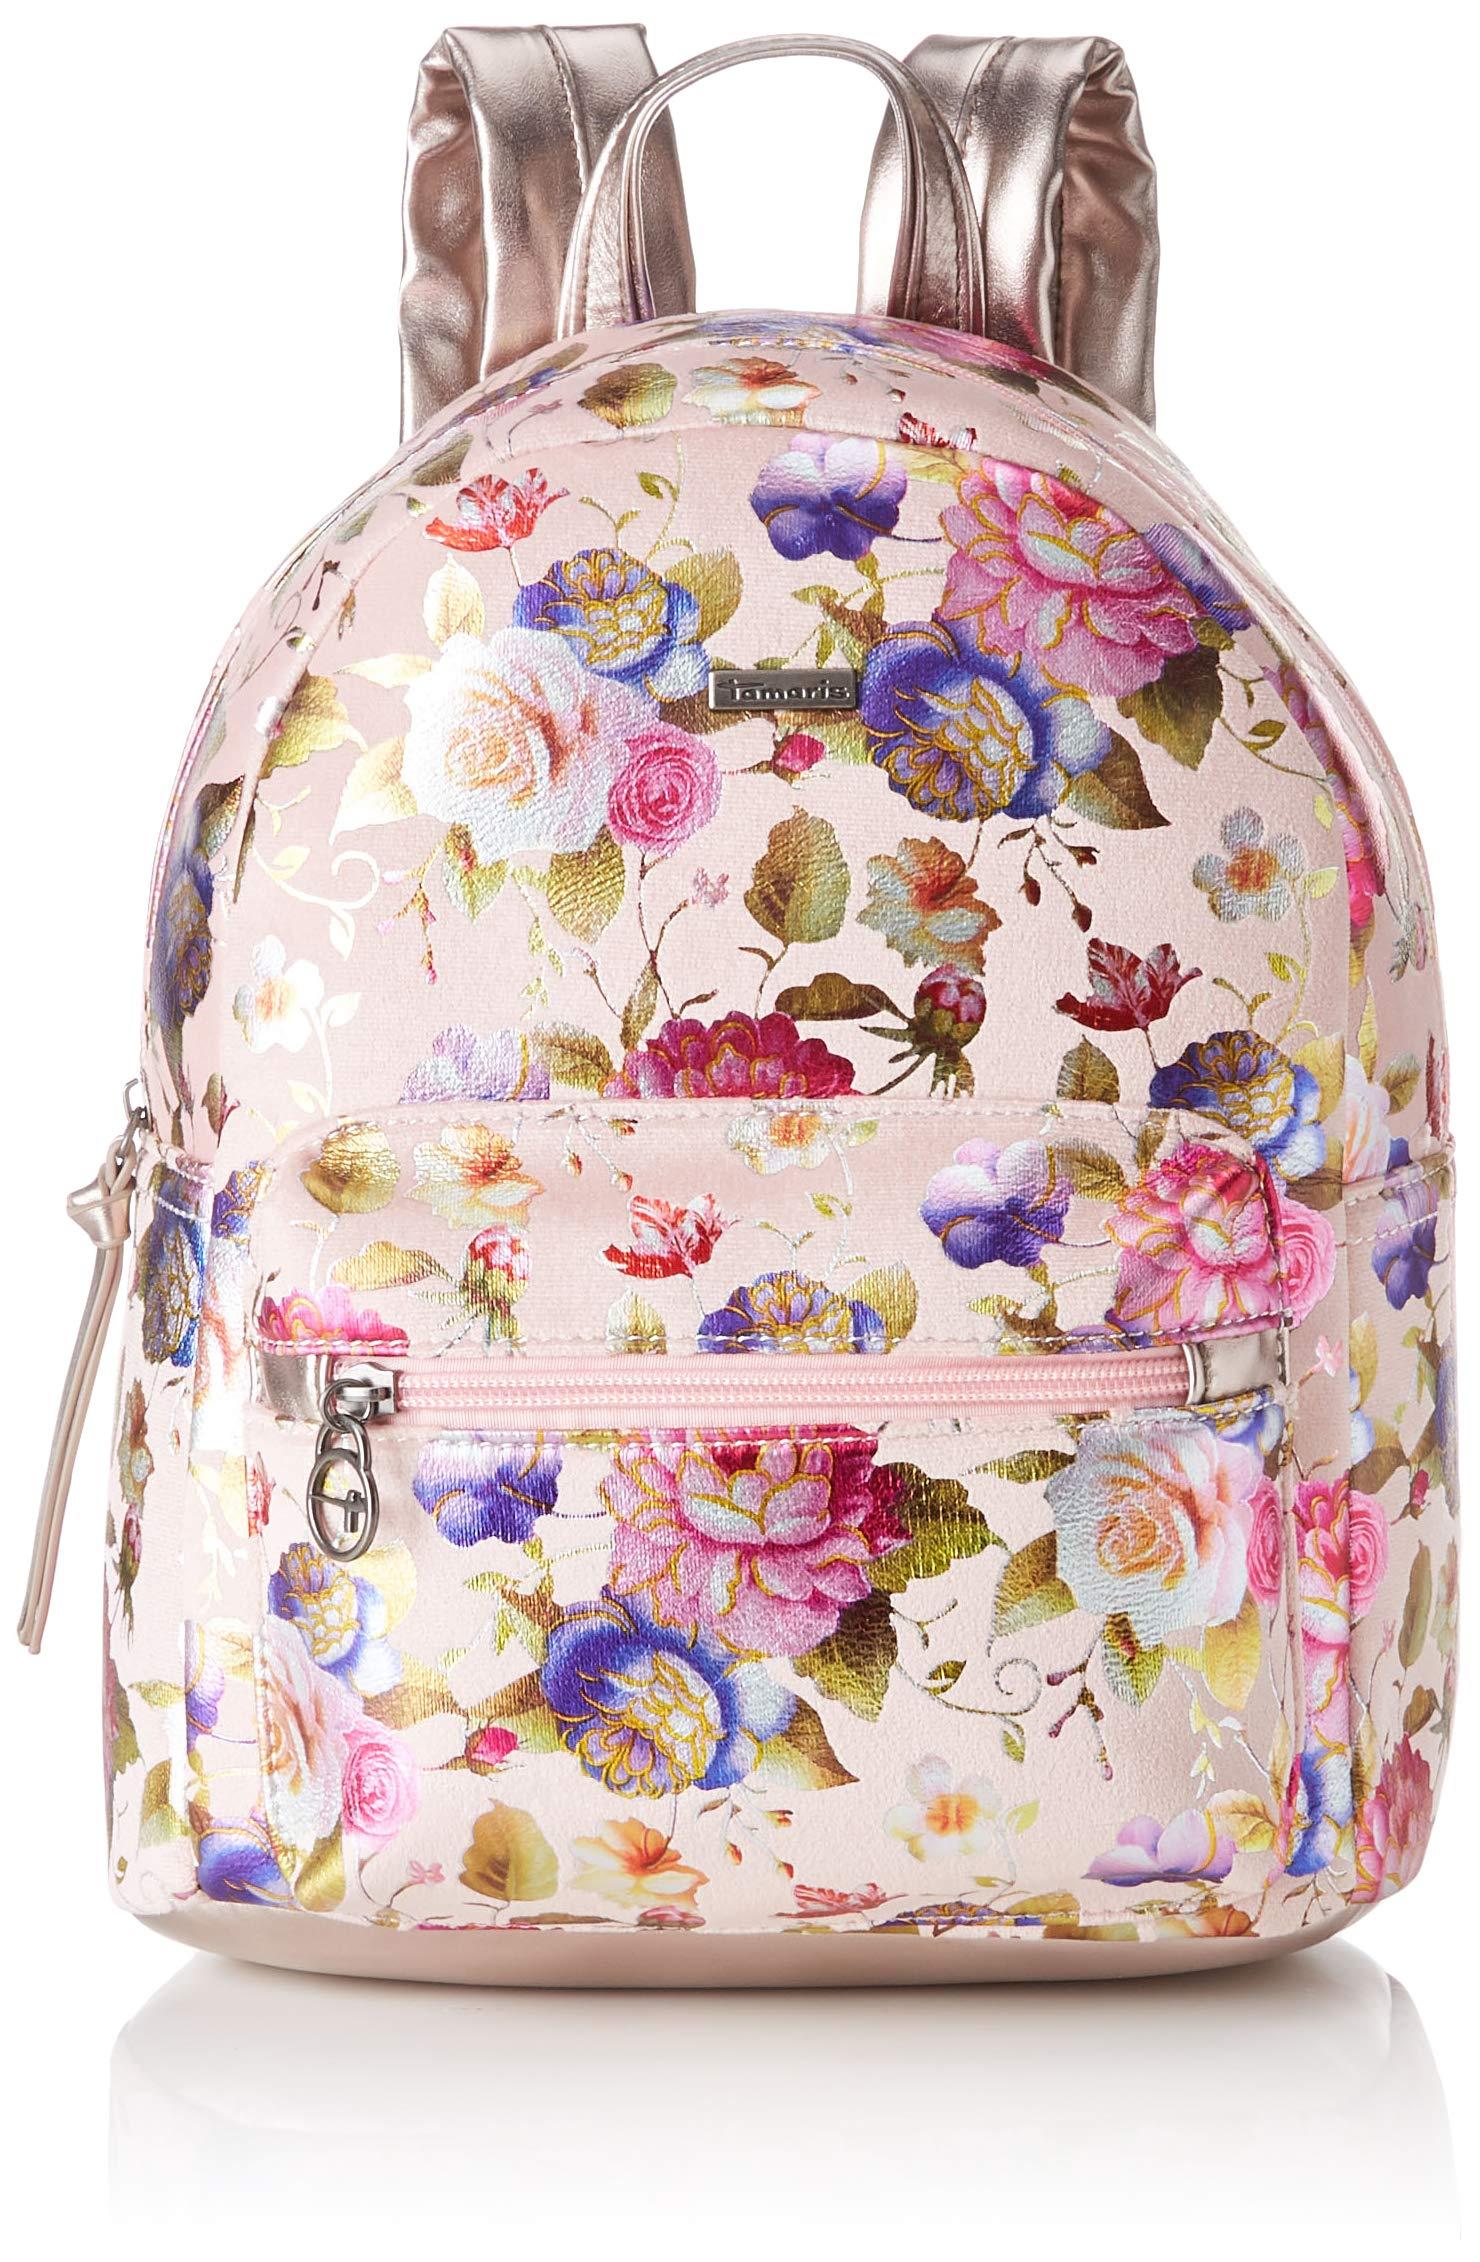 Comb15x28x24 Cmw BackpackSacs Portés FemmeRoserose Volma Dos X Tamaris L H nO0wPk8